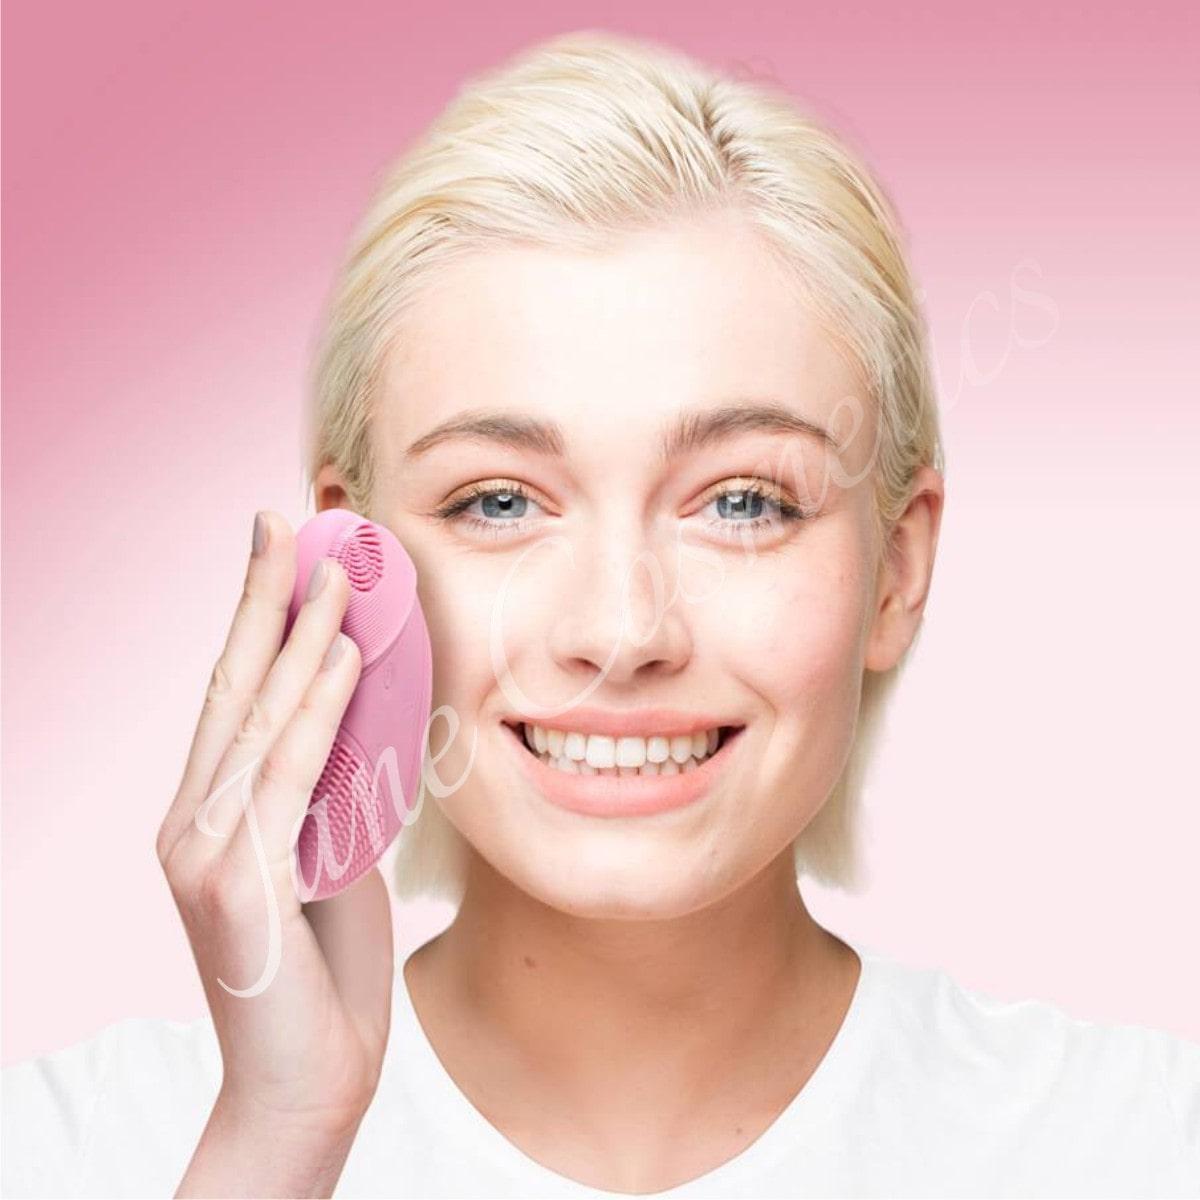 khắc phục da dị ứng mỹ phẩm bằng rửa mặt